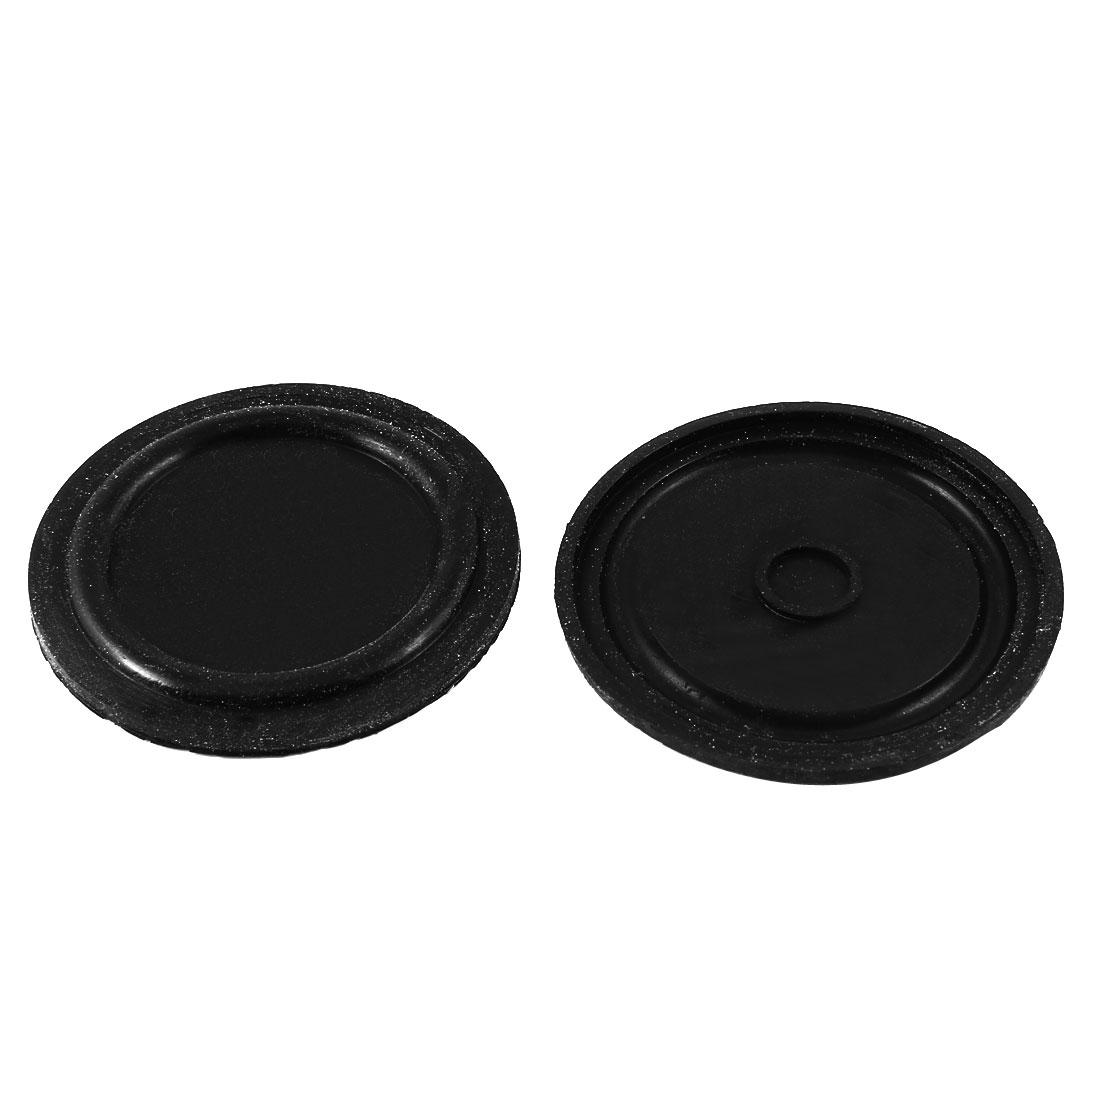 """2 Pcs 60mm 2.4"""" Dia Water Heater Diaphragms Sealing Gasket Black"""